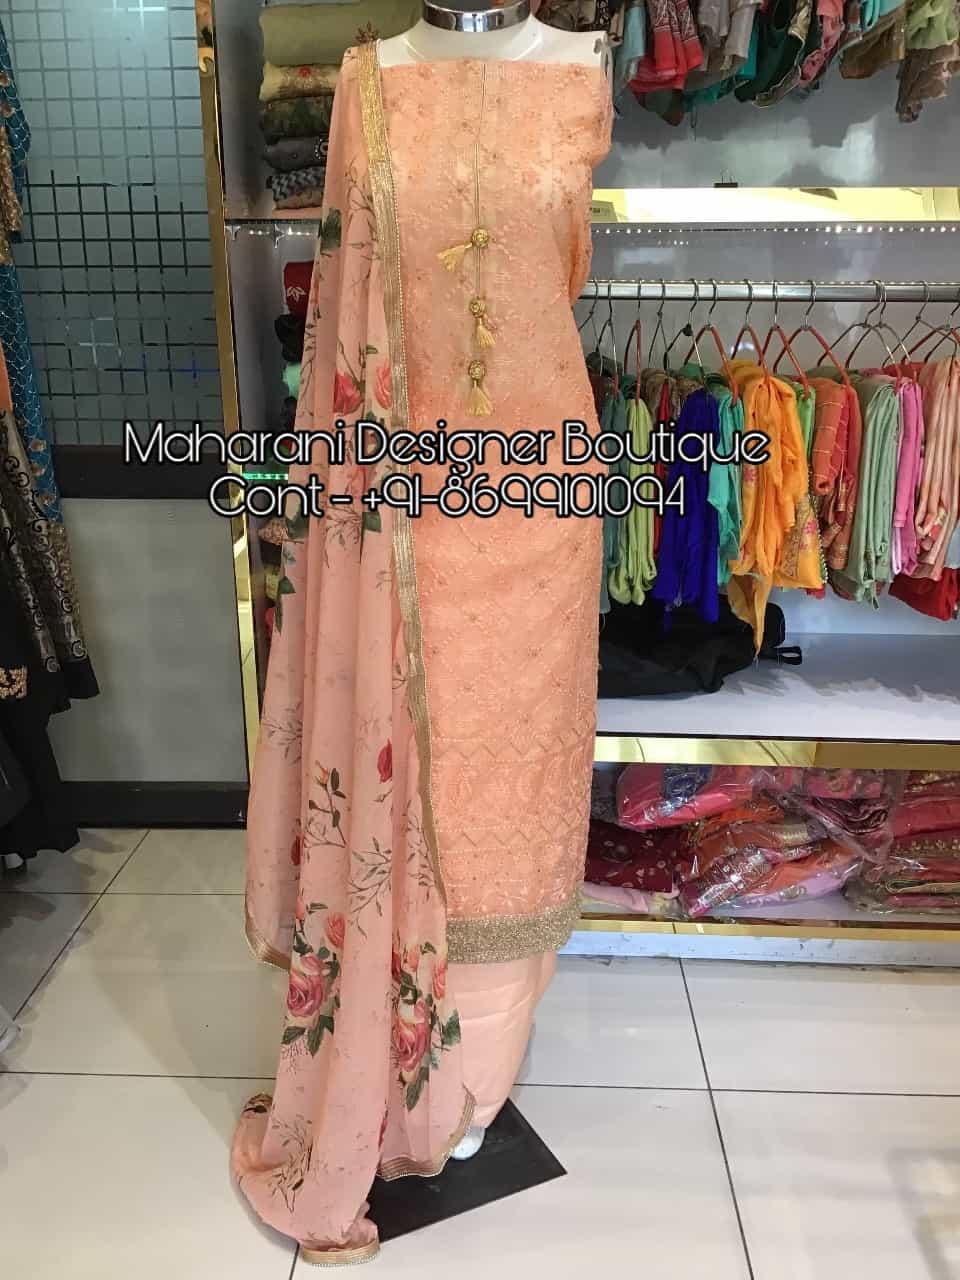 Designer Boutiques In Ahmedabad Maharani Designer Boutique